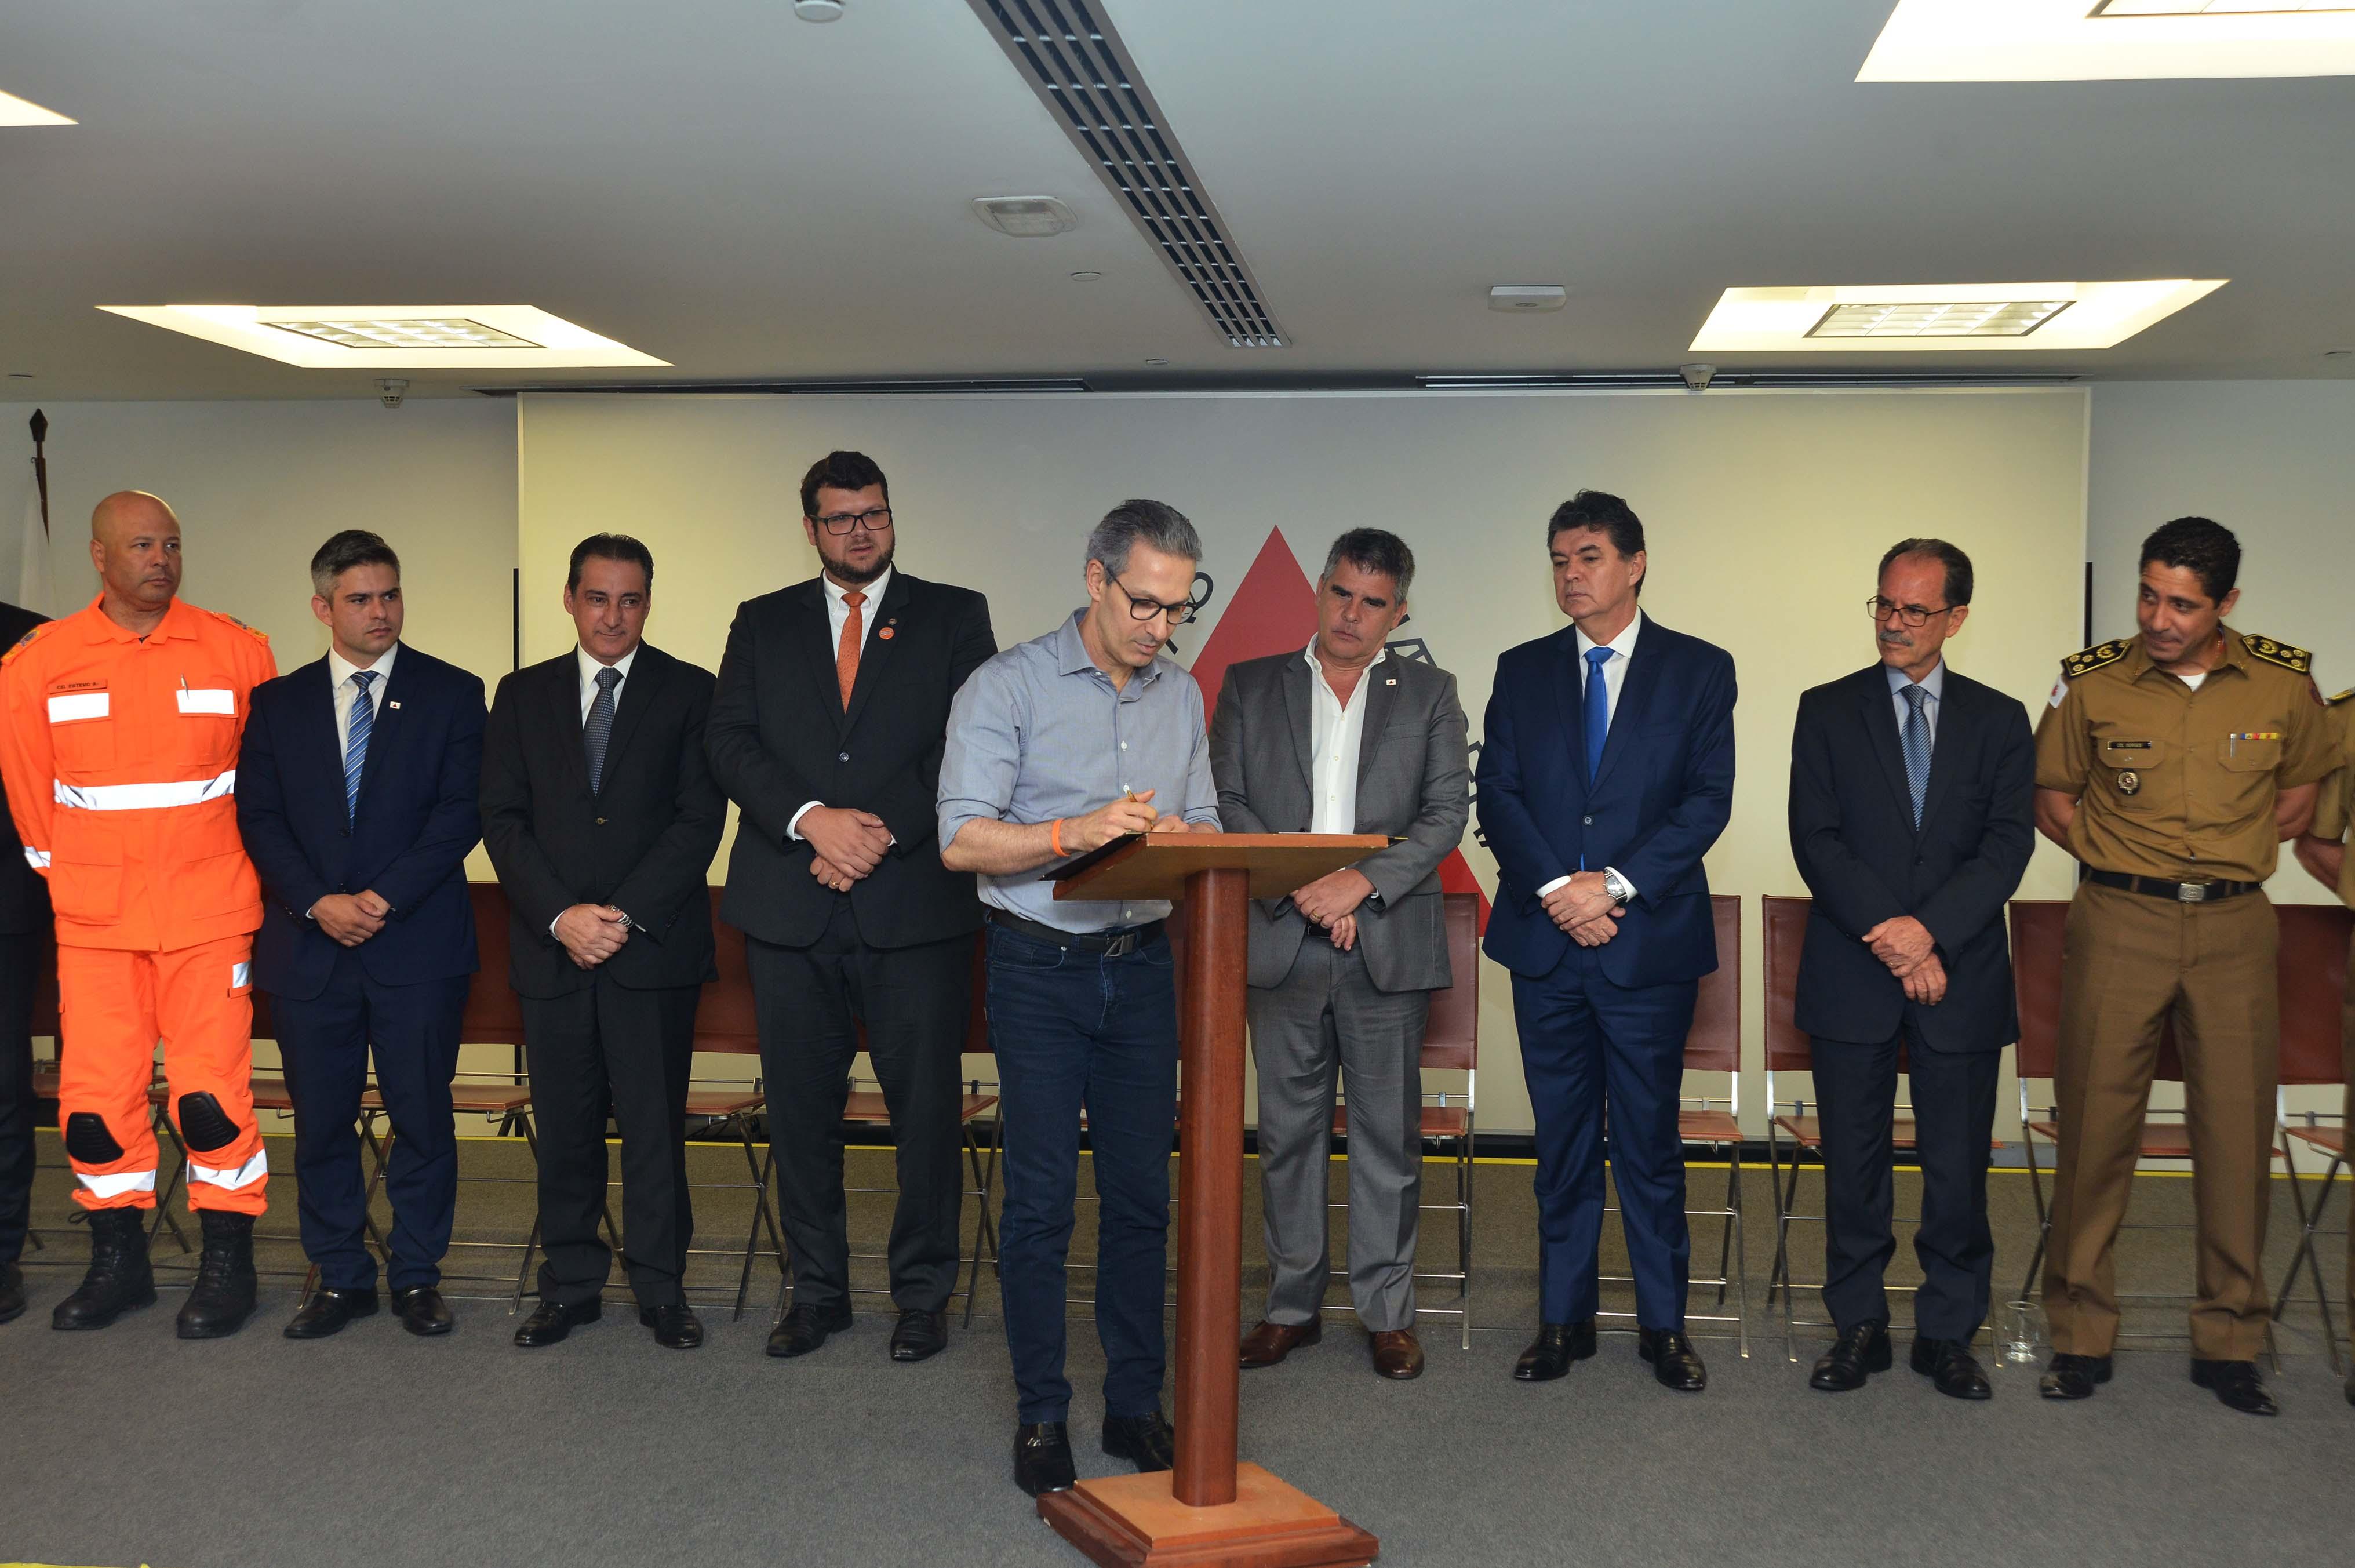 Governador Romeu Zema sanciona PL que determina medidas mais rígidas para barragens em Minas Gerais